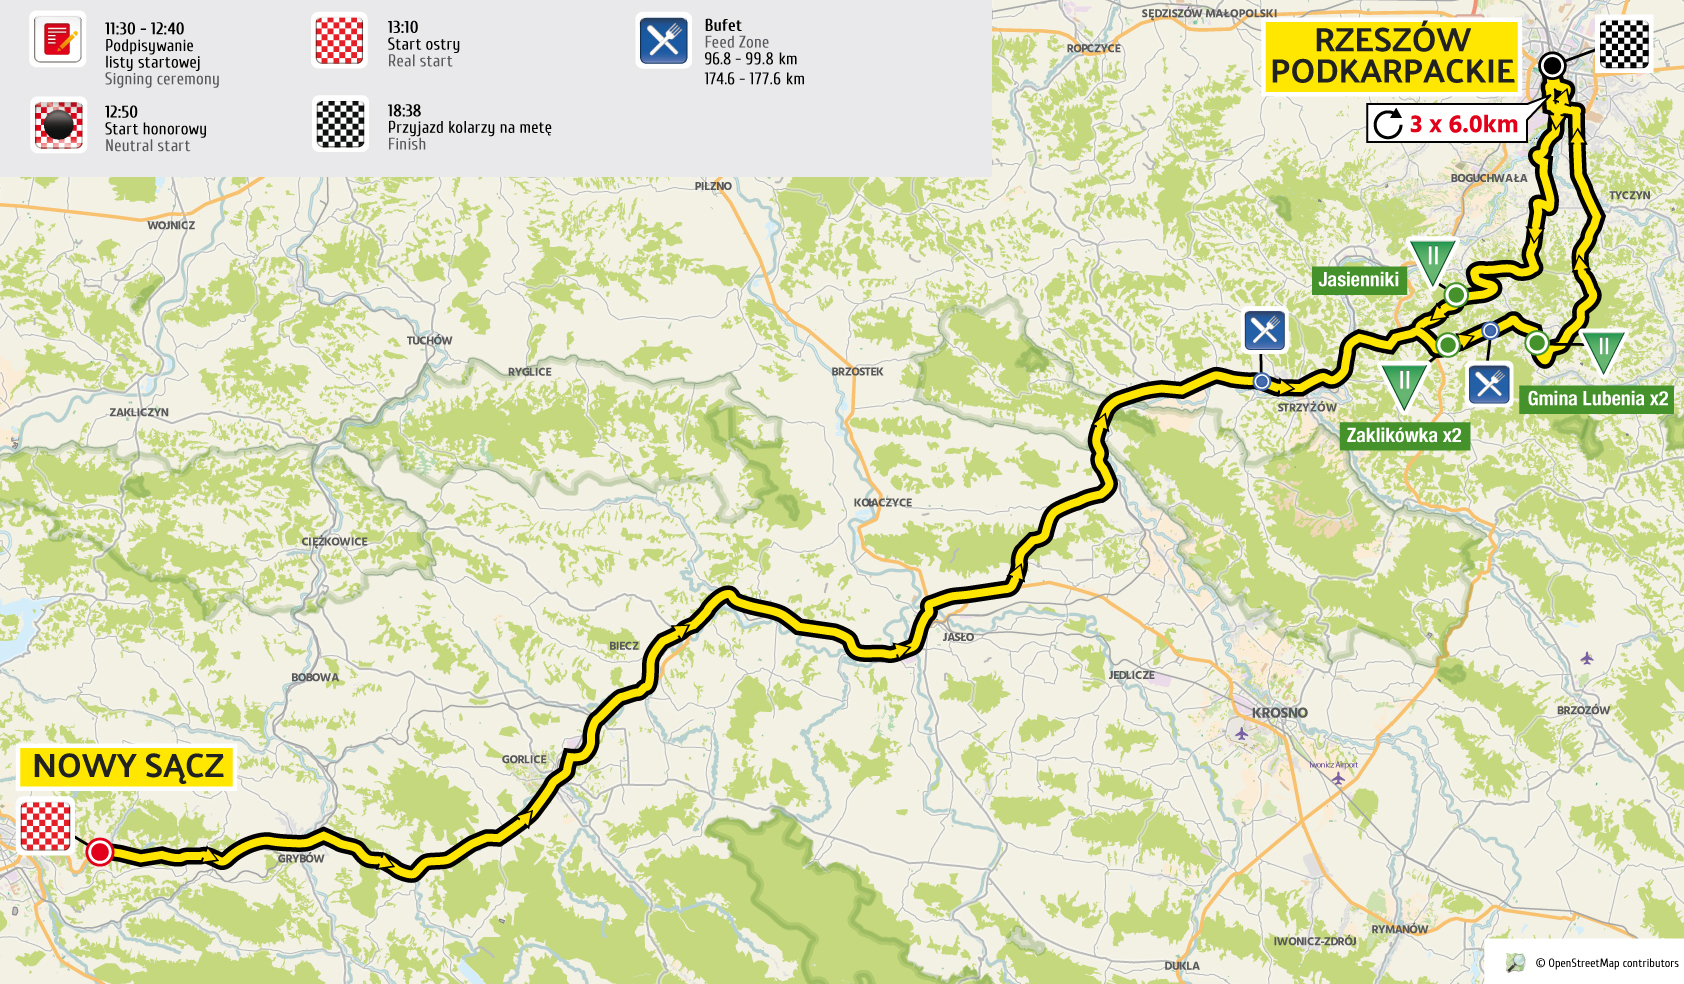 etap 4 mapa Tour de Pologne 2016 UCI World Tour